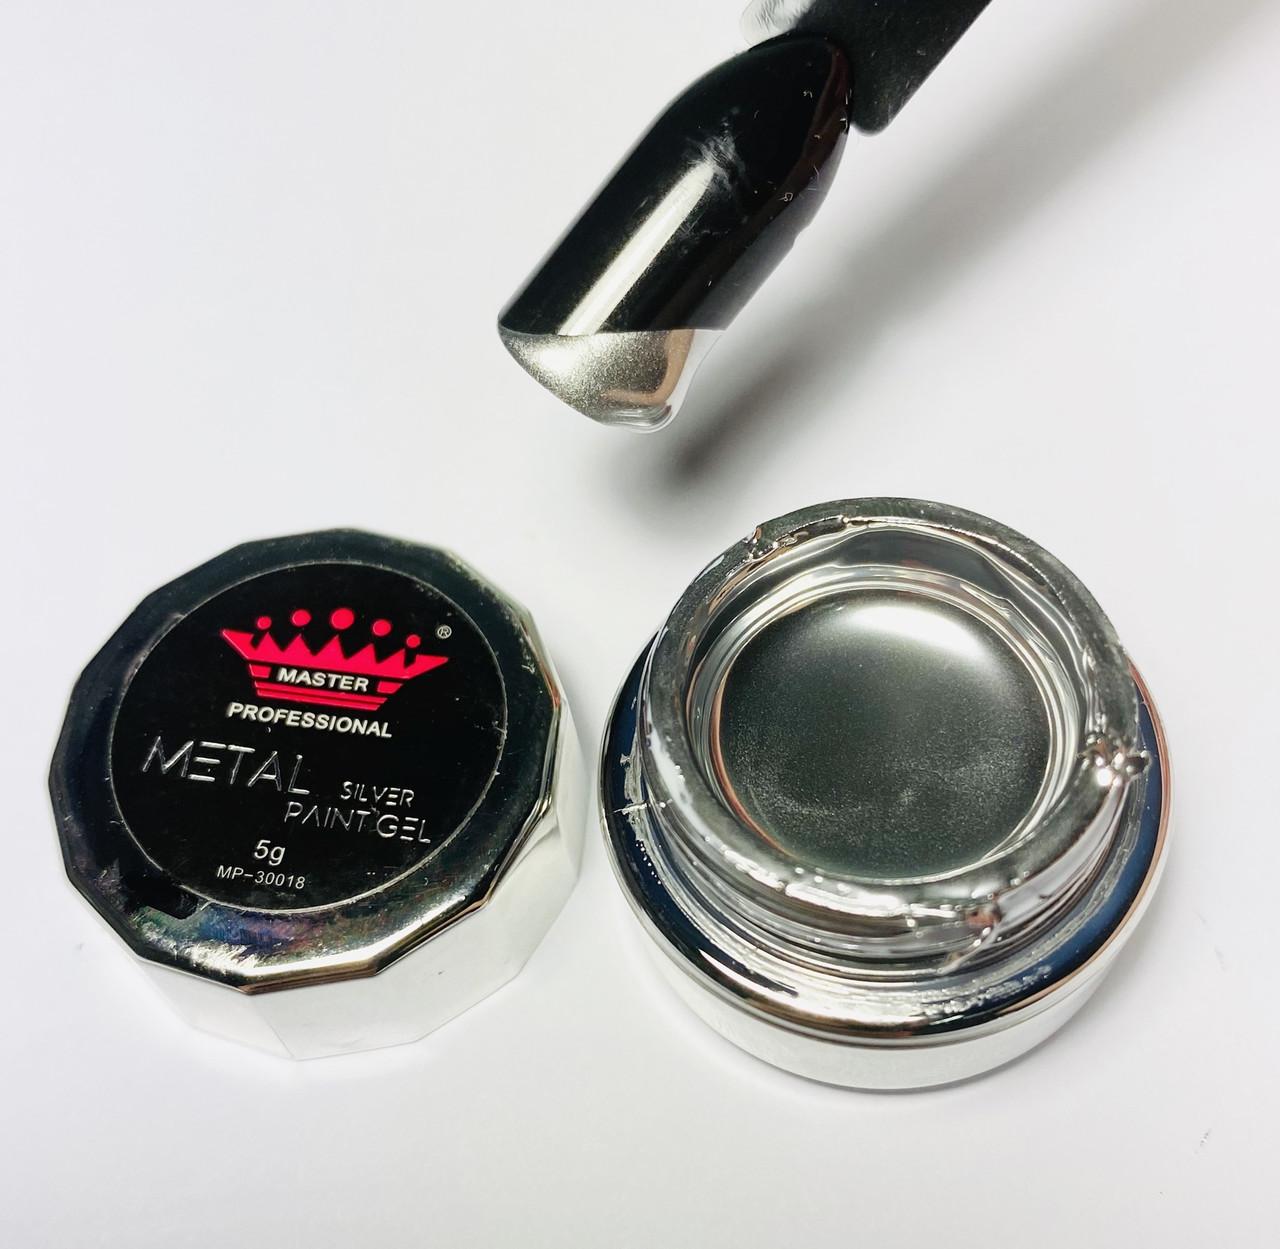 Гель-фарба рідкий метал Master Professional Metal срібло